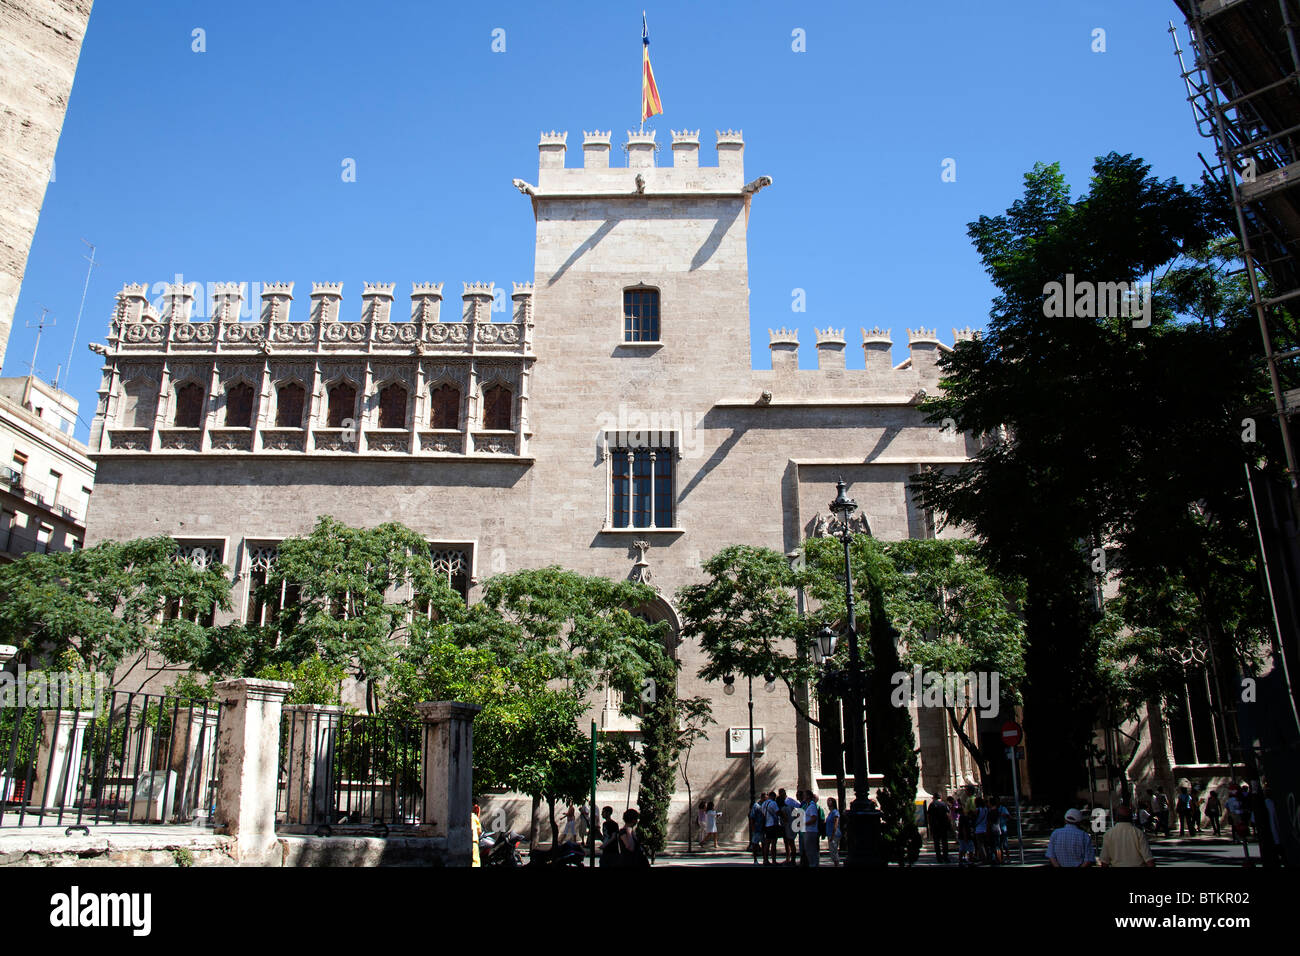 La Lonja, Llotja de la Seda Silk Exchange Valencia Spain Stock Photo